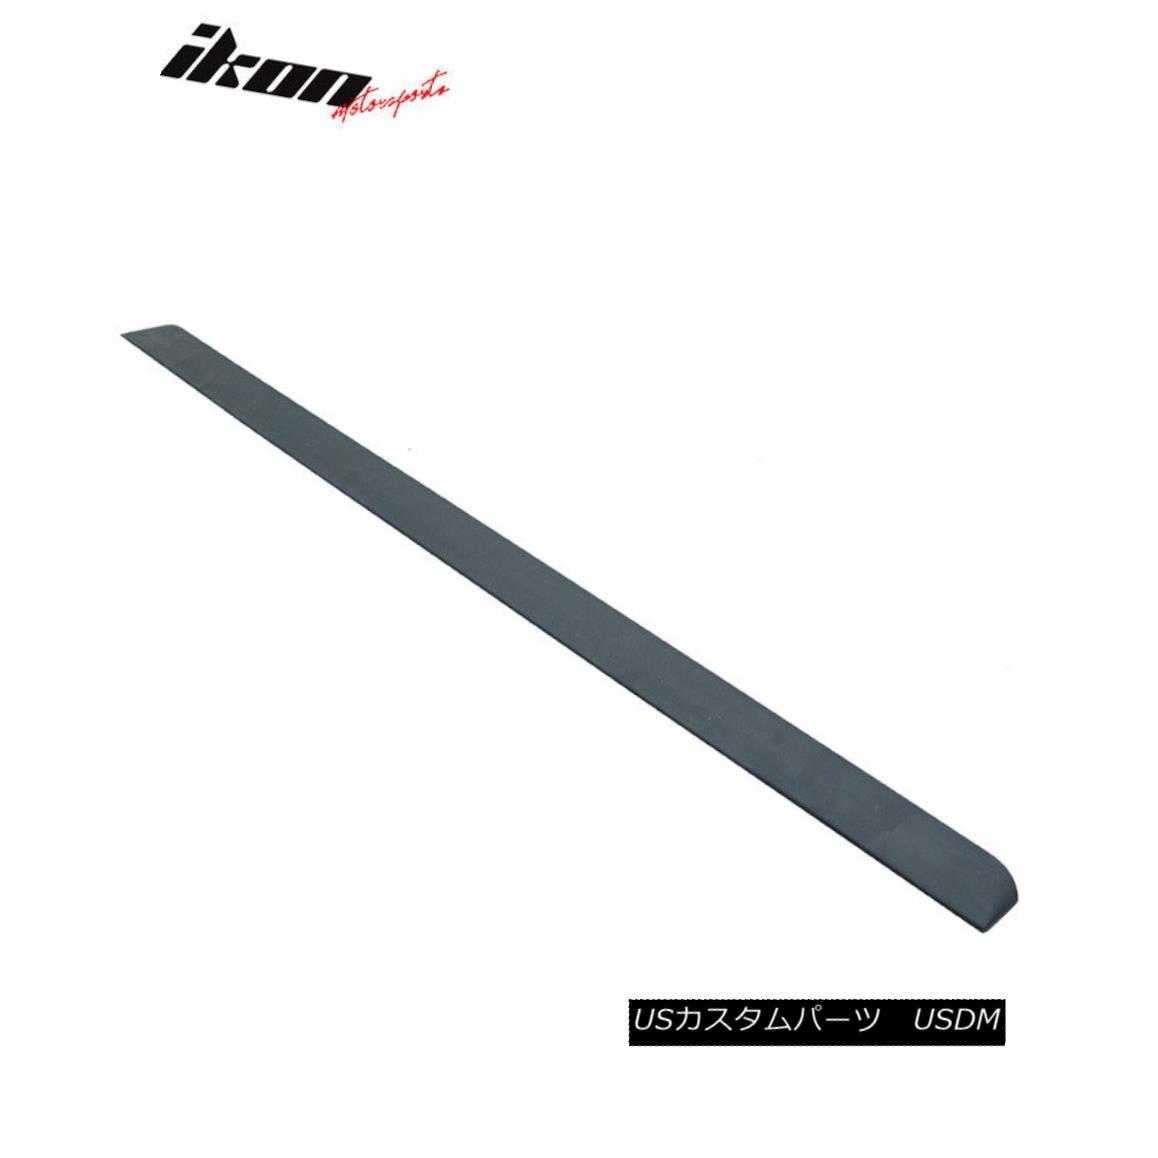 エアロパーツ Fits 08-12 Honda Accord 8th F Style Unpainted Roof Spoiler (PUF) フィット08-12ホンダアコード8th Fスタイル無塗装ルーフスポイラー(PUF)